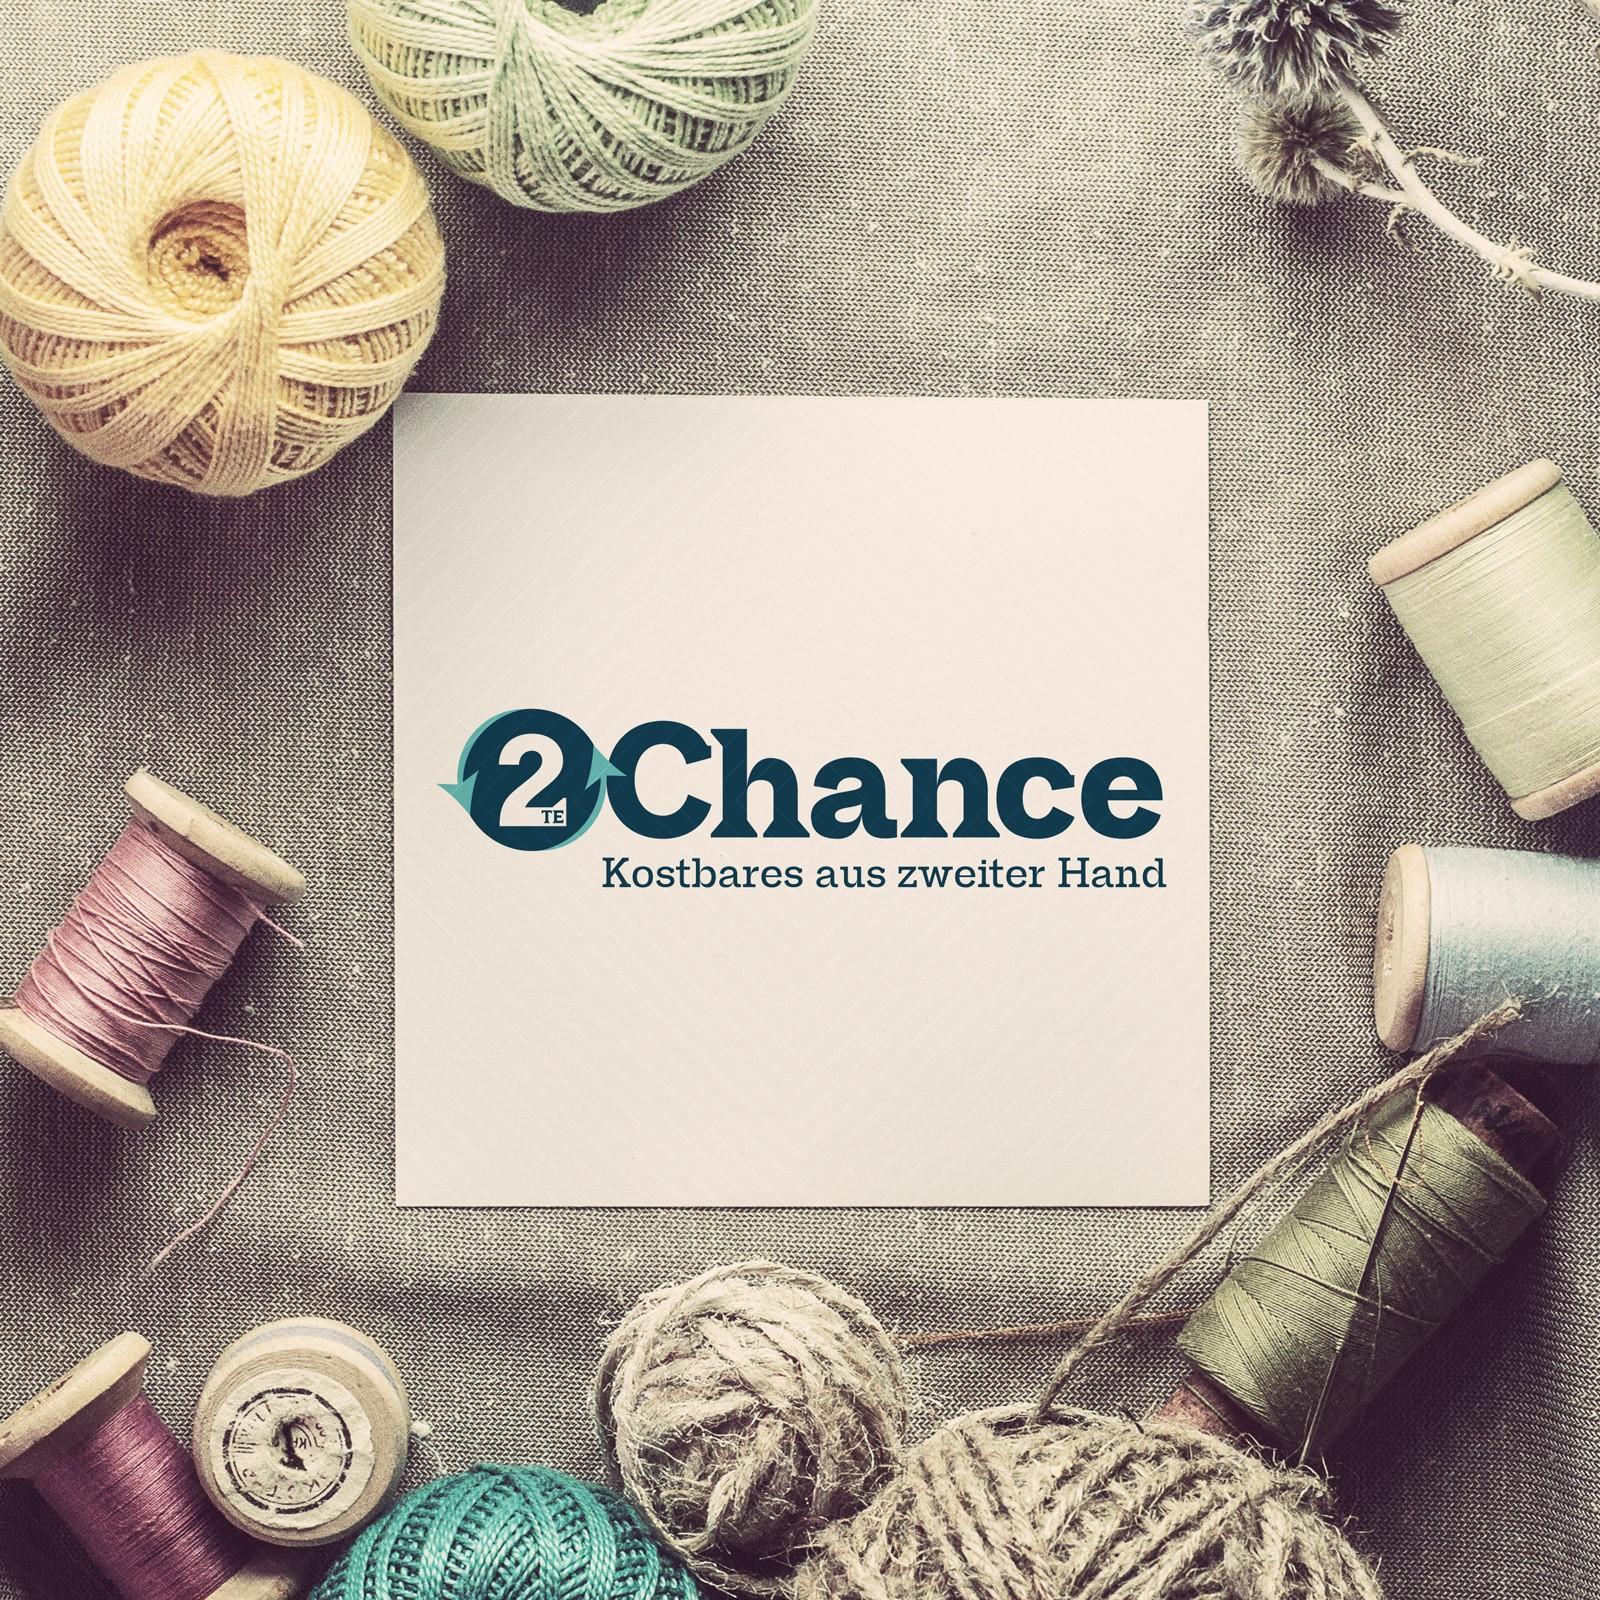 Logo Zweite Chance Erfurt